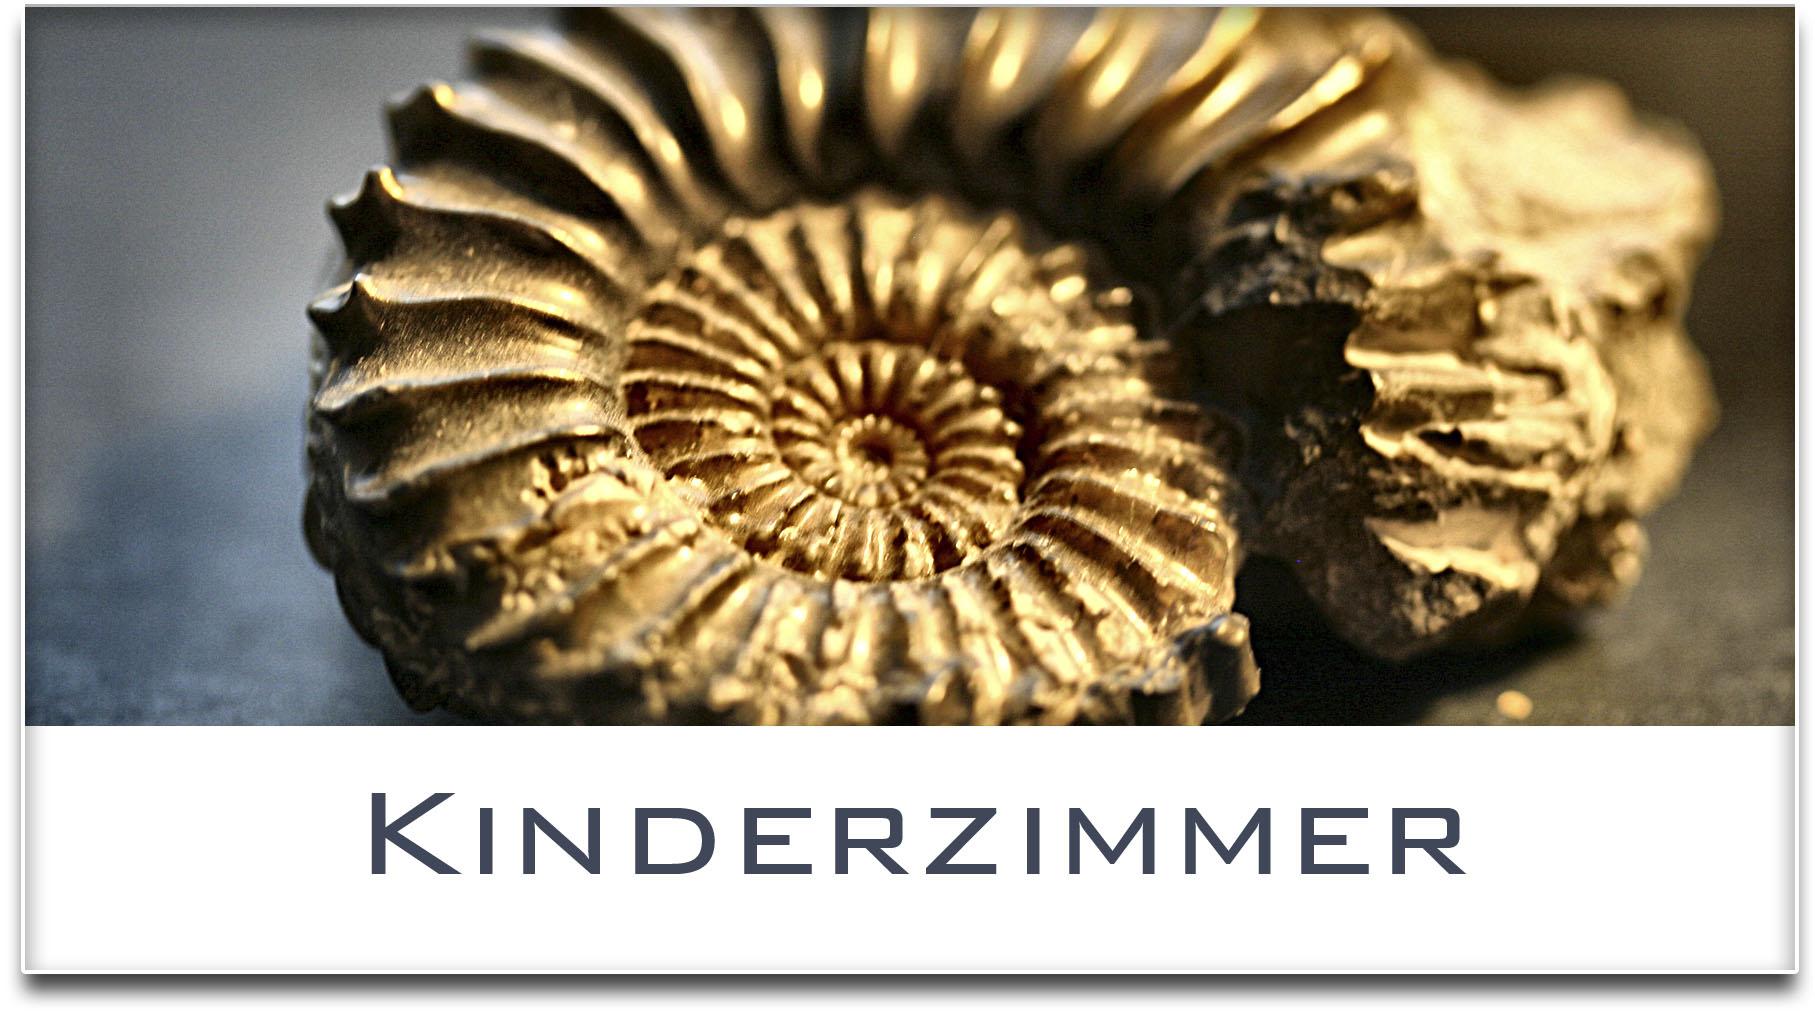 Türschild / Haustürschild / Versteinerte Muschel / Kinderzimmer / Selbstklebend